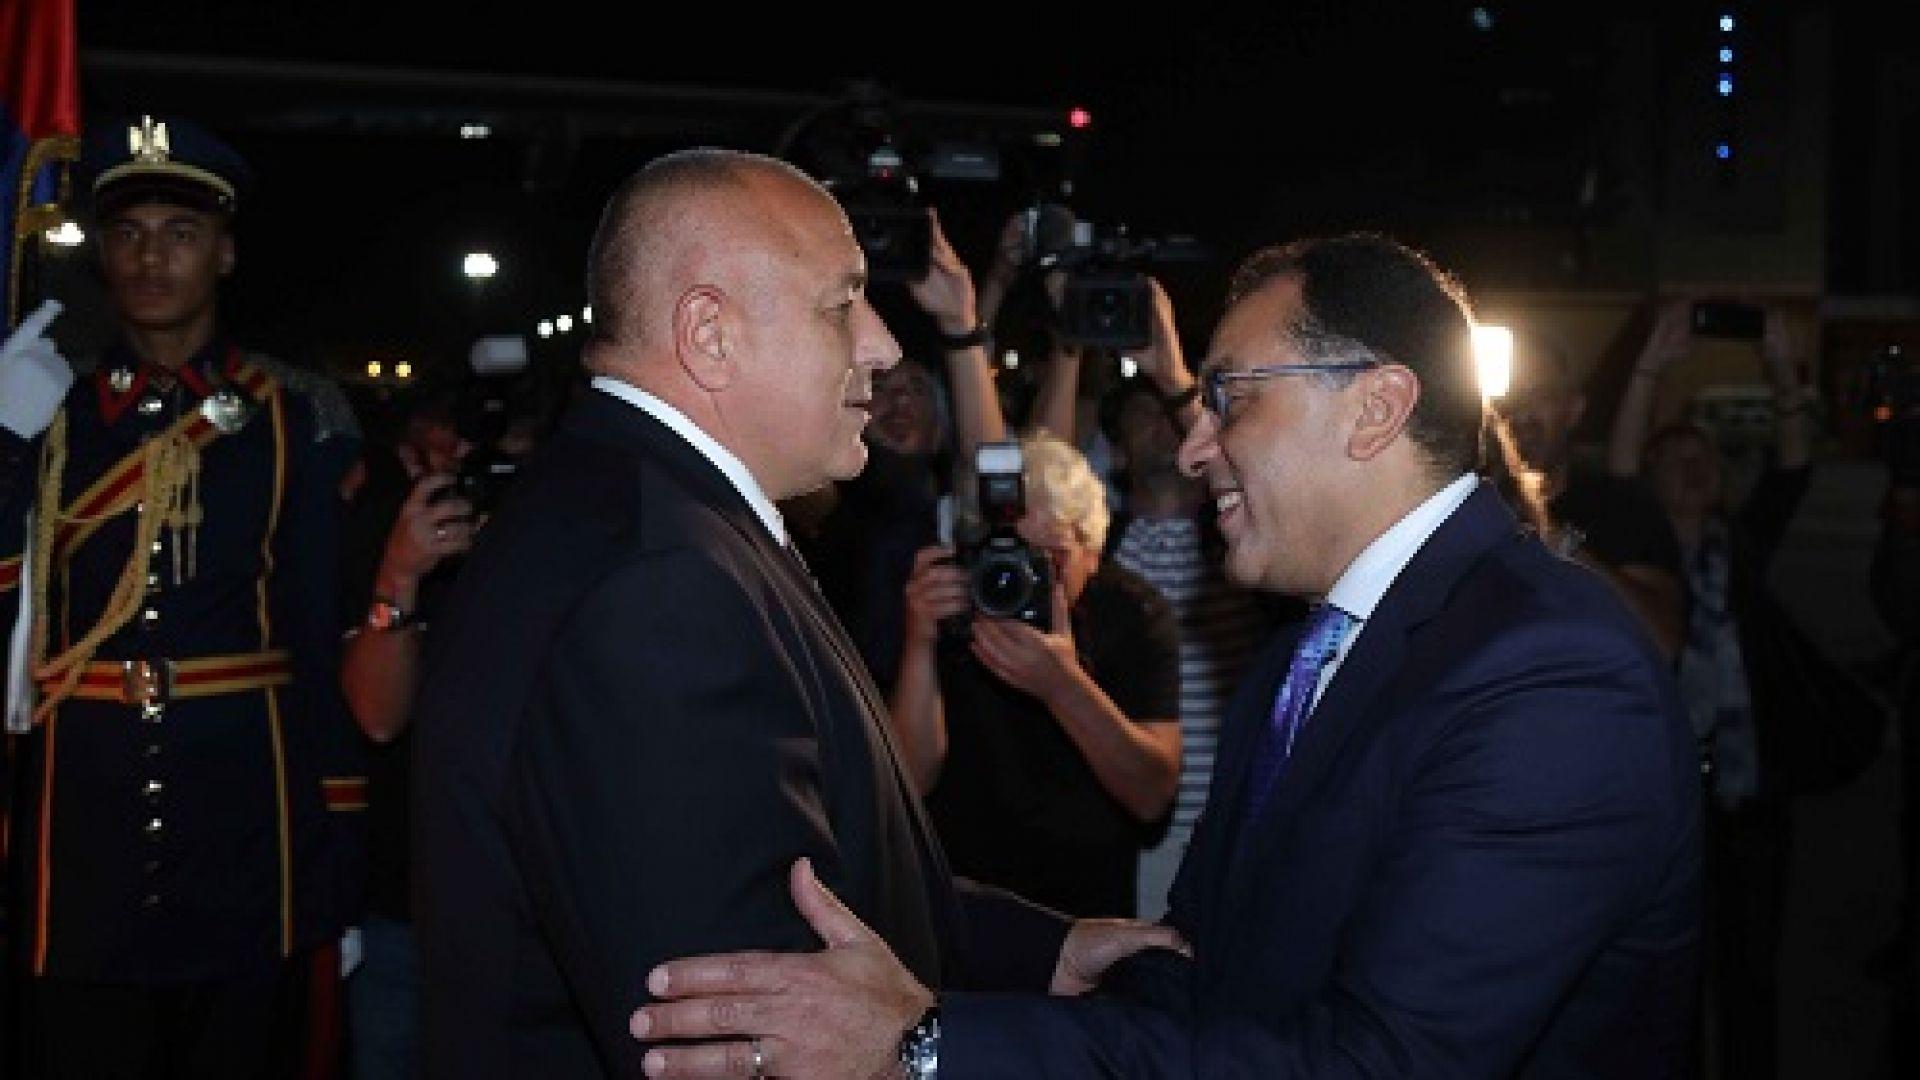 Министър-председателят Бойко Борисов пристигна на официално посещение в Кайро, Египет.